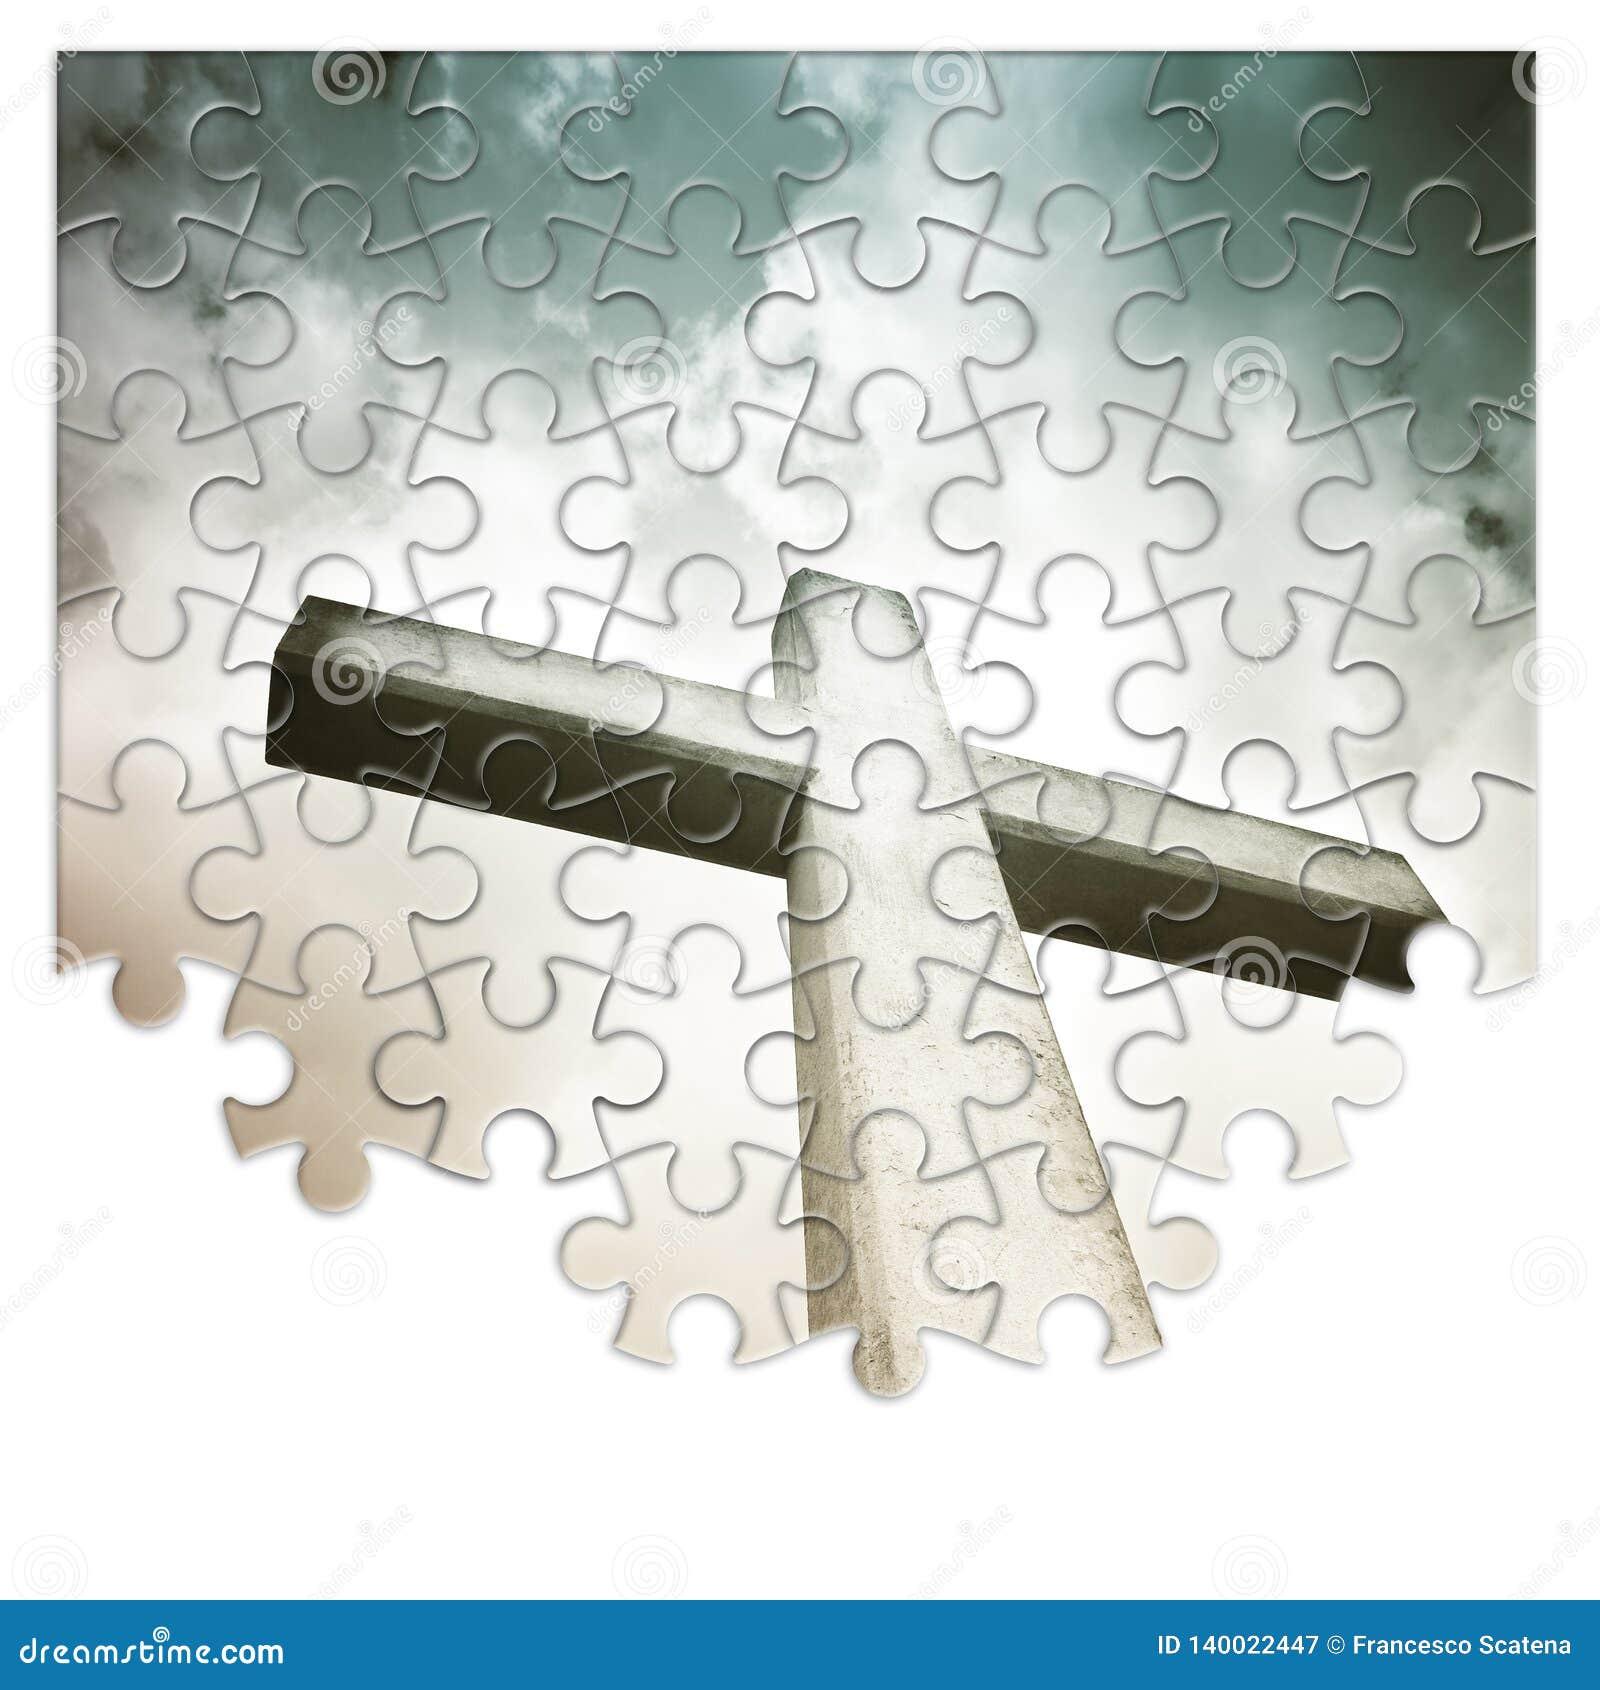 Ombyggnad eller förlora vår tro - kristen arg begreppsbild i pusselform